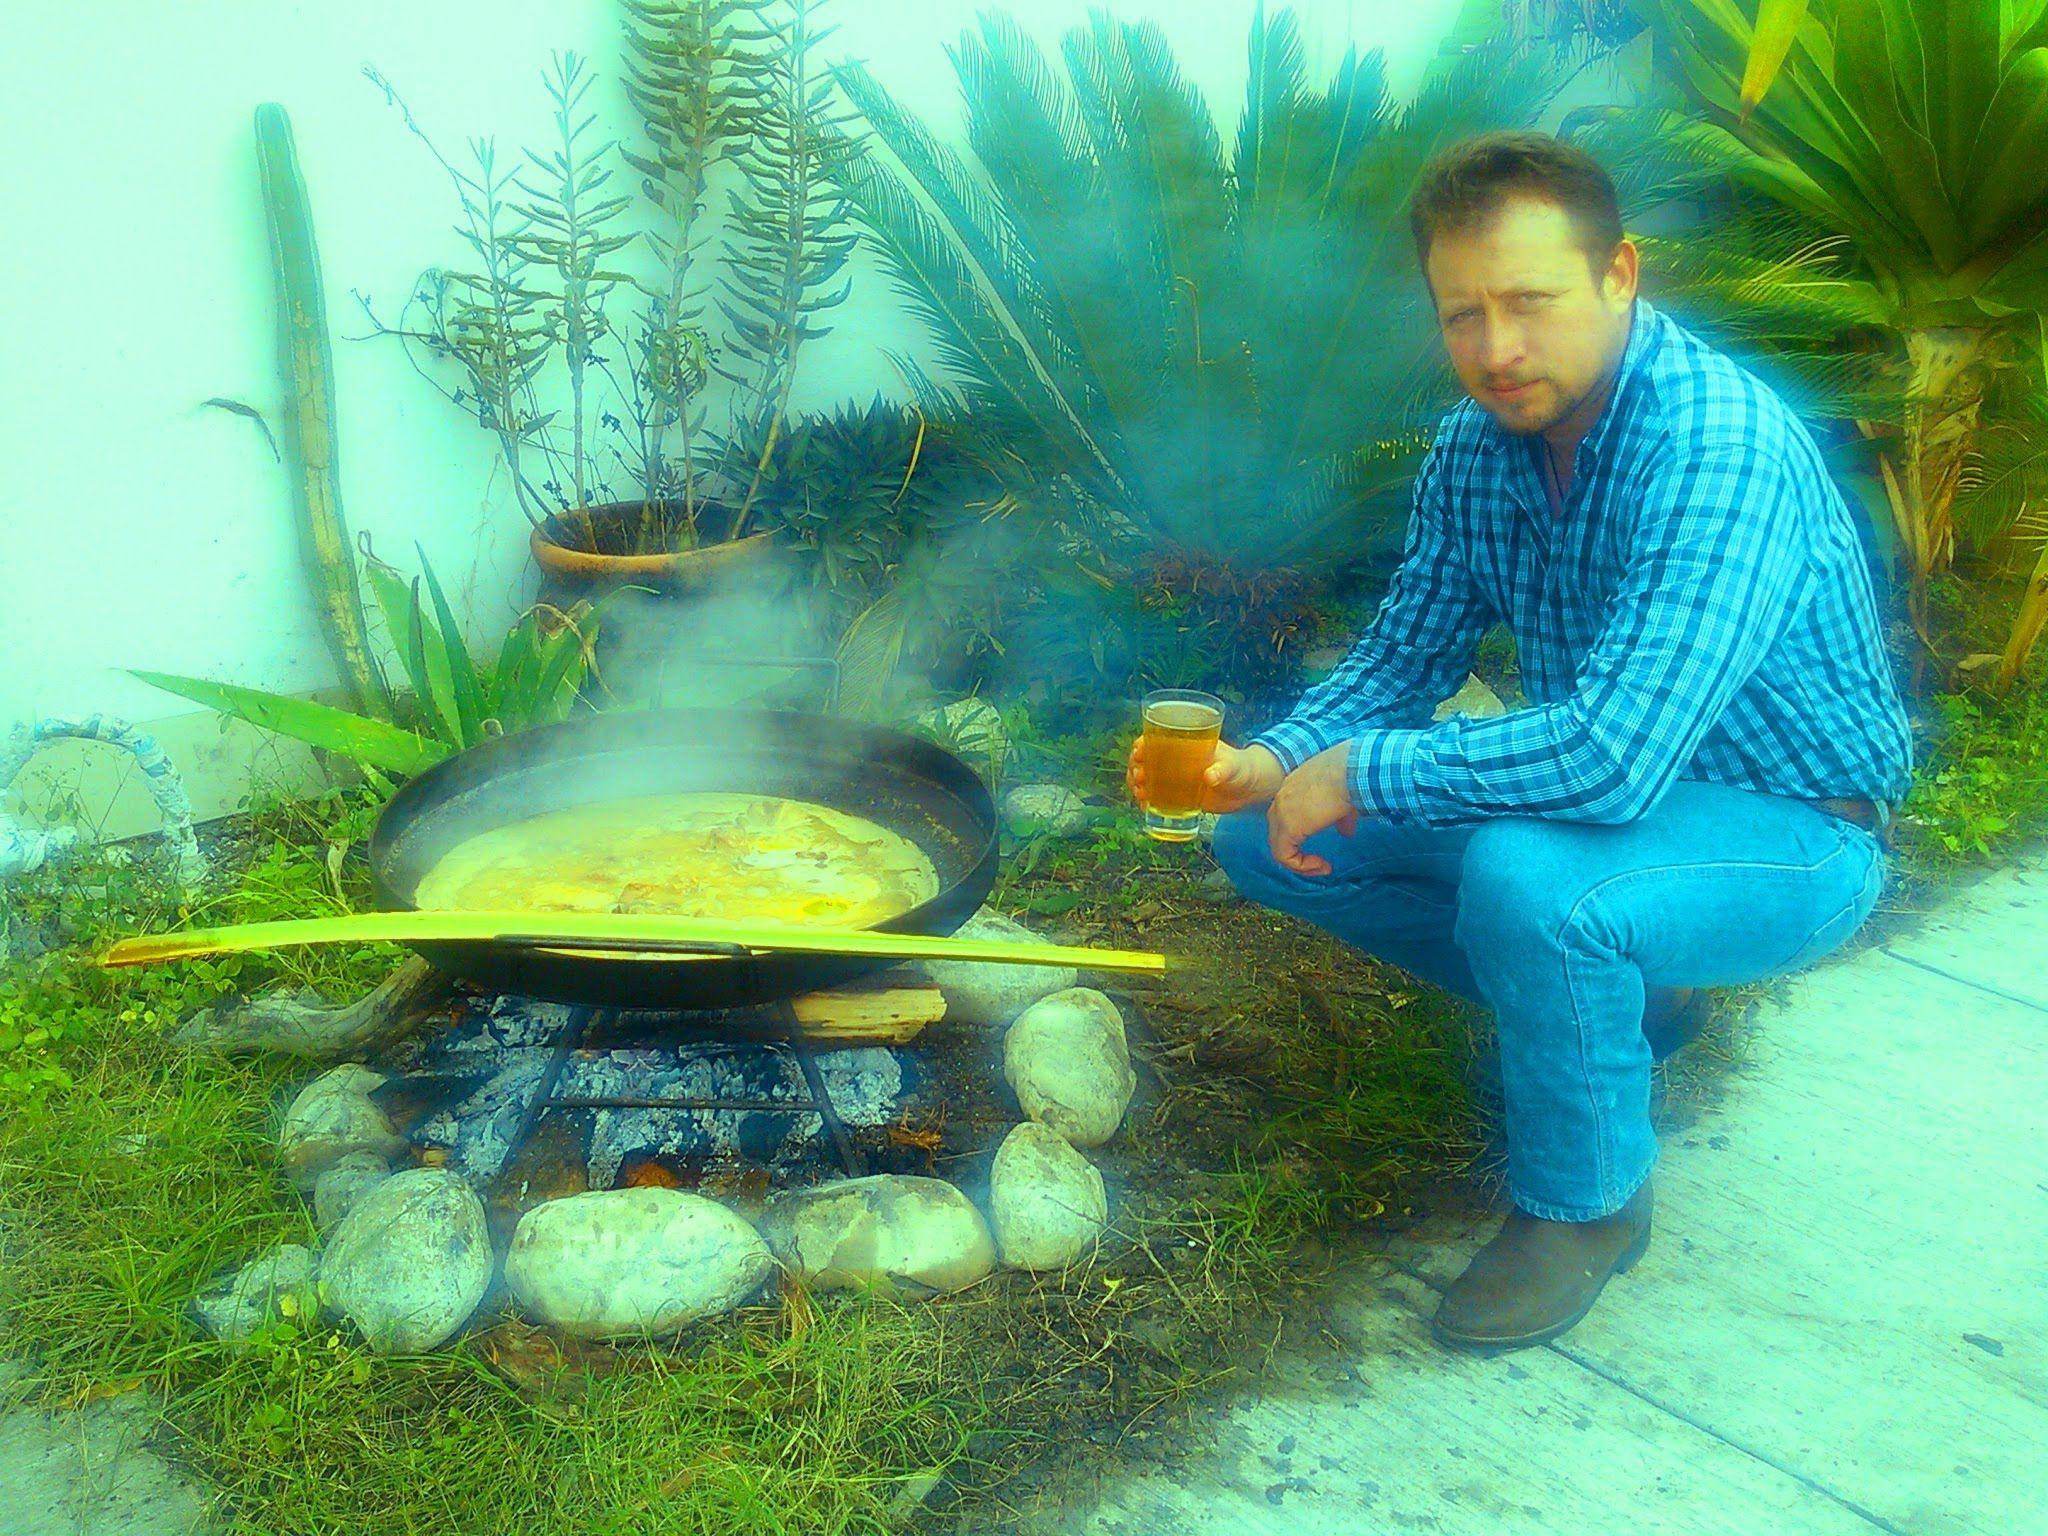 Preparacion de carnitas y cueritos de cerdo al disco